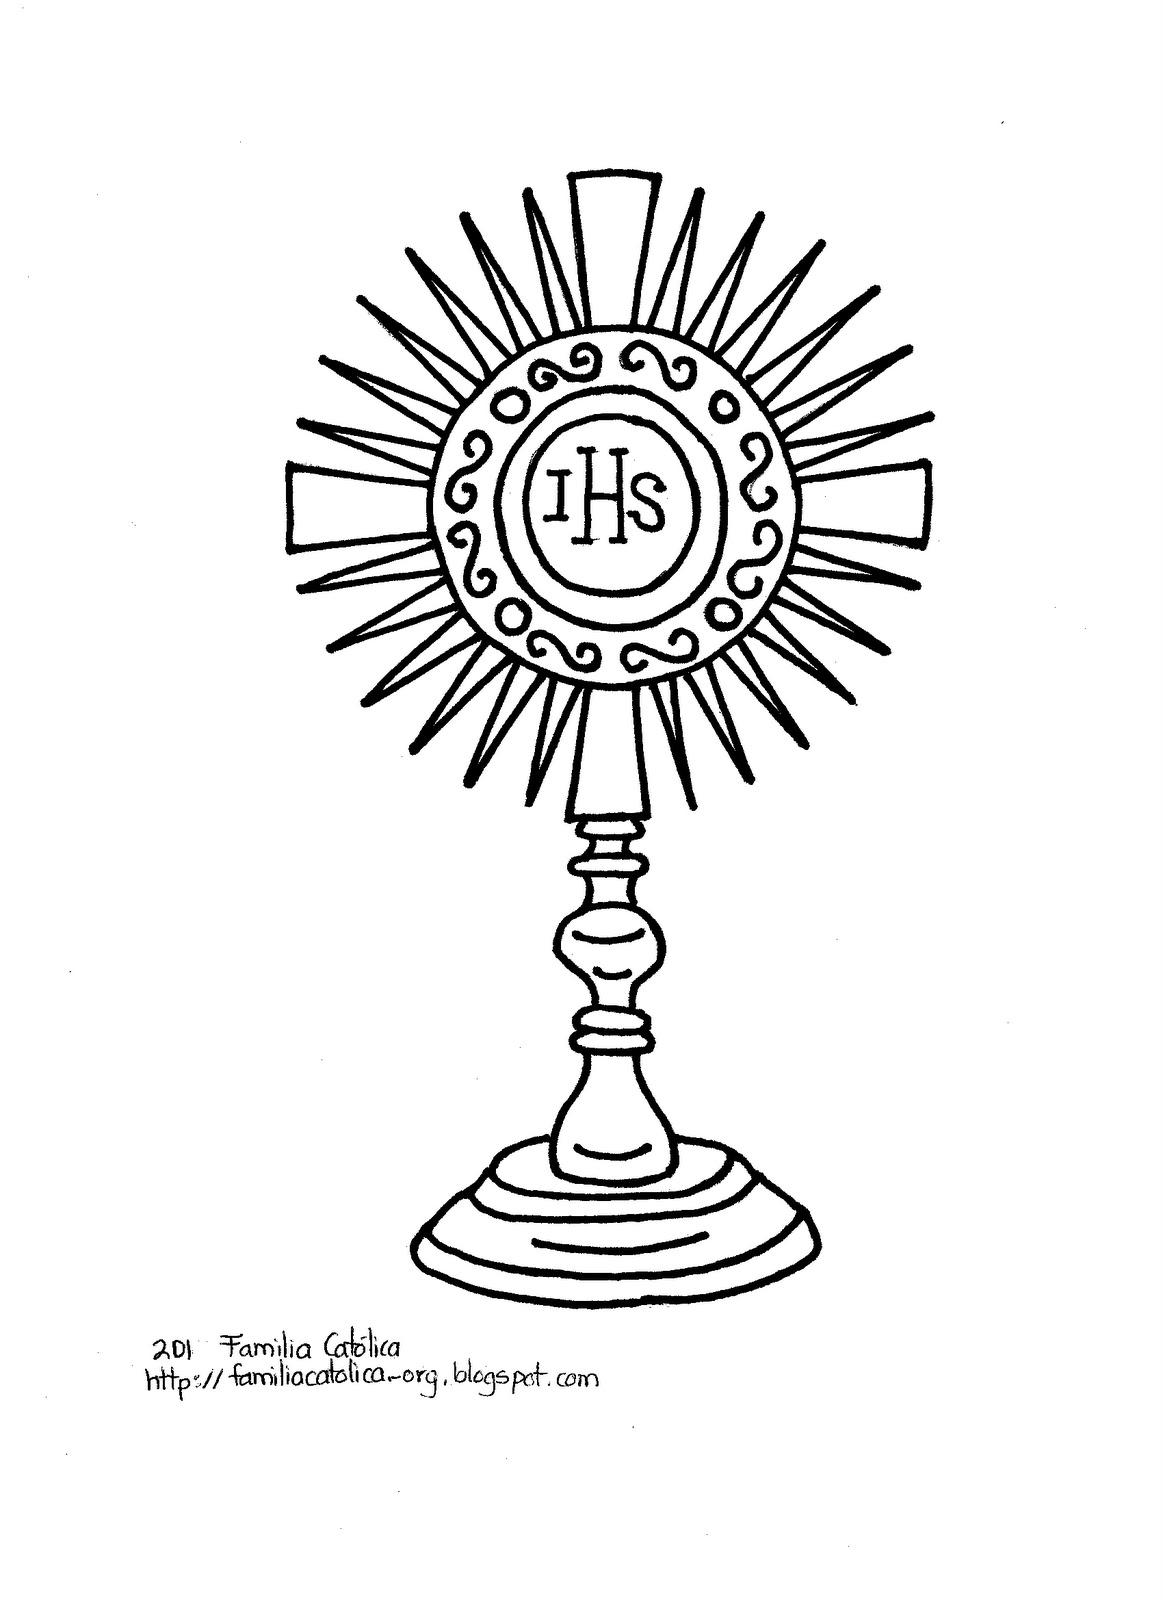 Familia Católica La Santa Eucaristía Páginas Para Colorear Para Niños